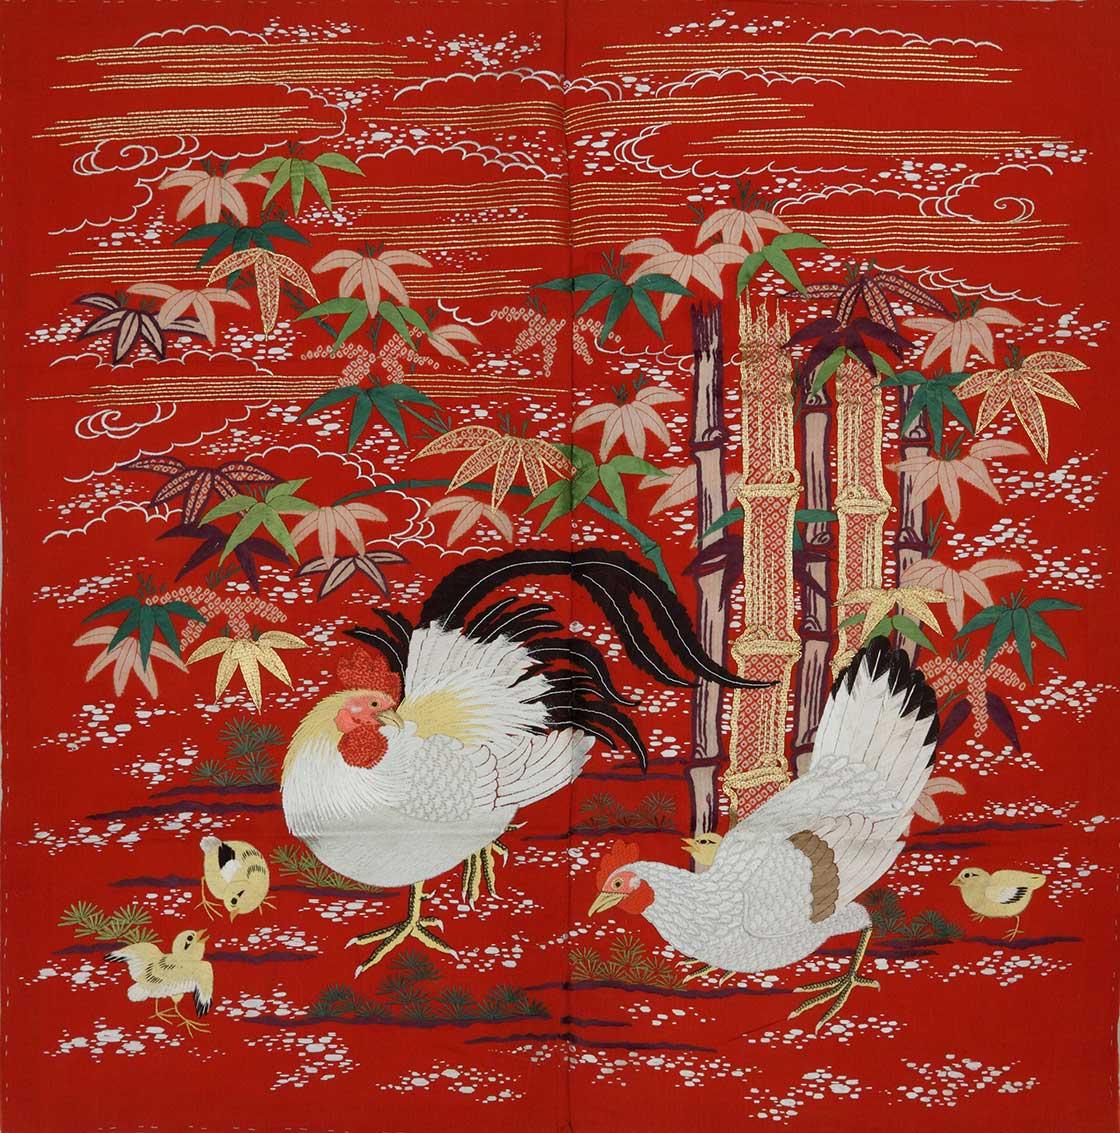 掛袱紗 (紅縮緬地竹に鶏文刺繍)(德川記念財団所蔵)